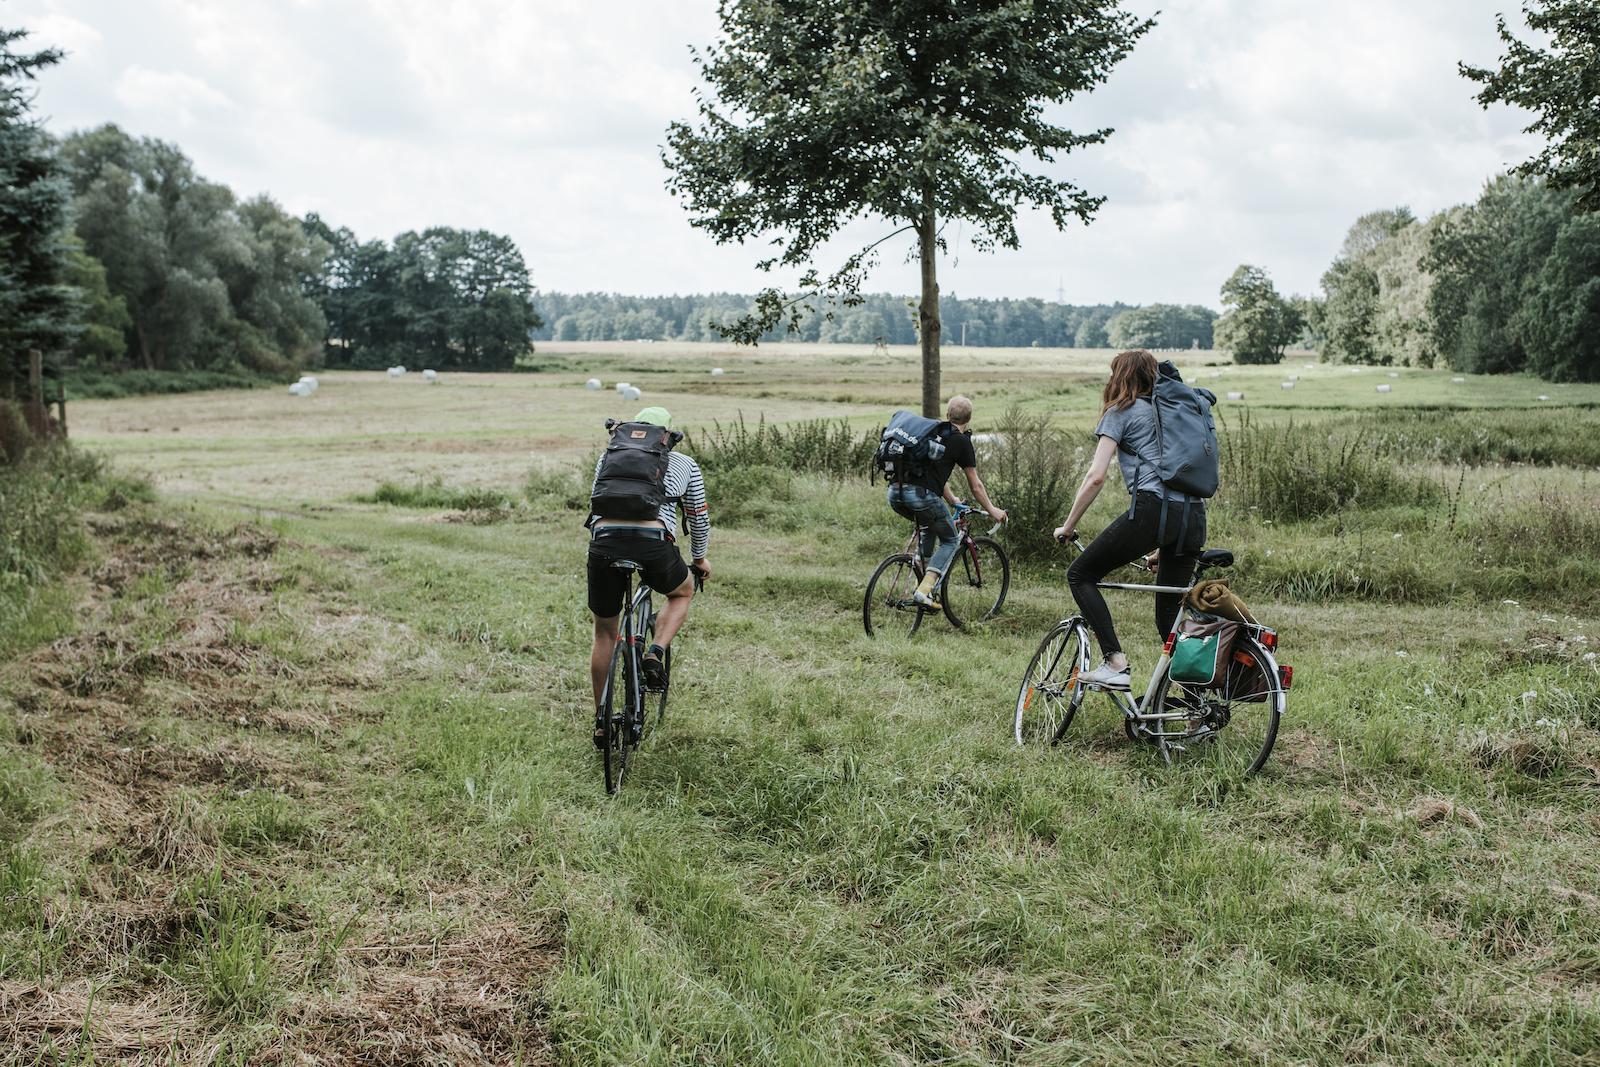 wecyclebrandenburg_(c)Madlen_Krippendorf_bredereiche22.jpg